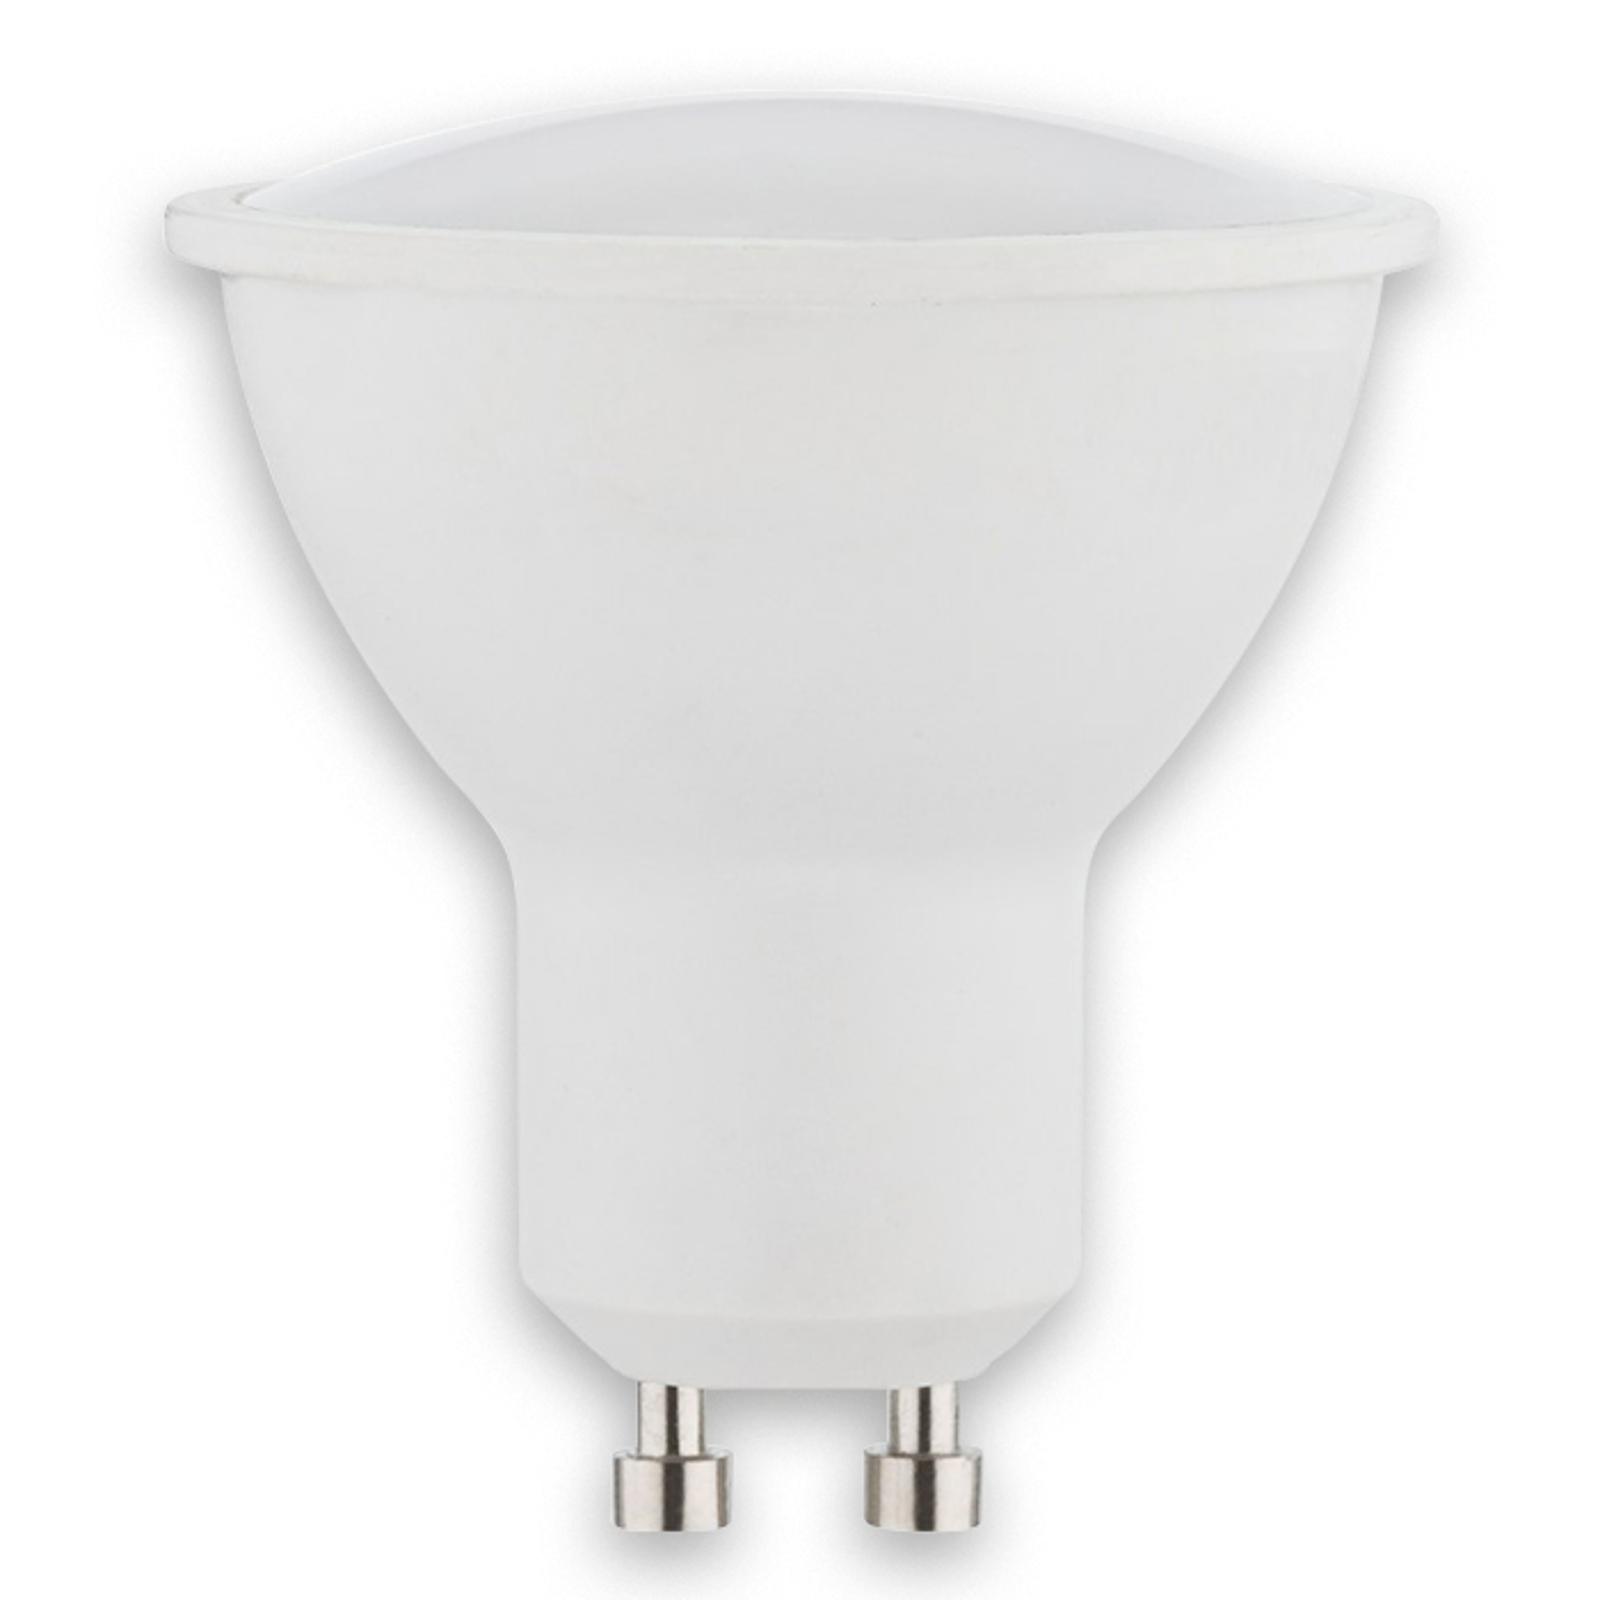 LED-Reflektor GU10 3,5W 827 120° RA90